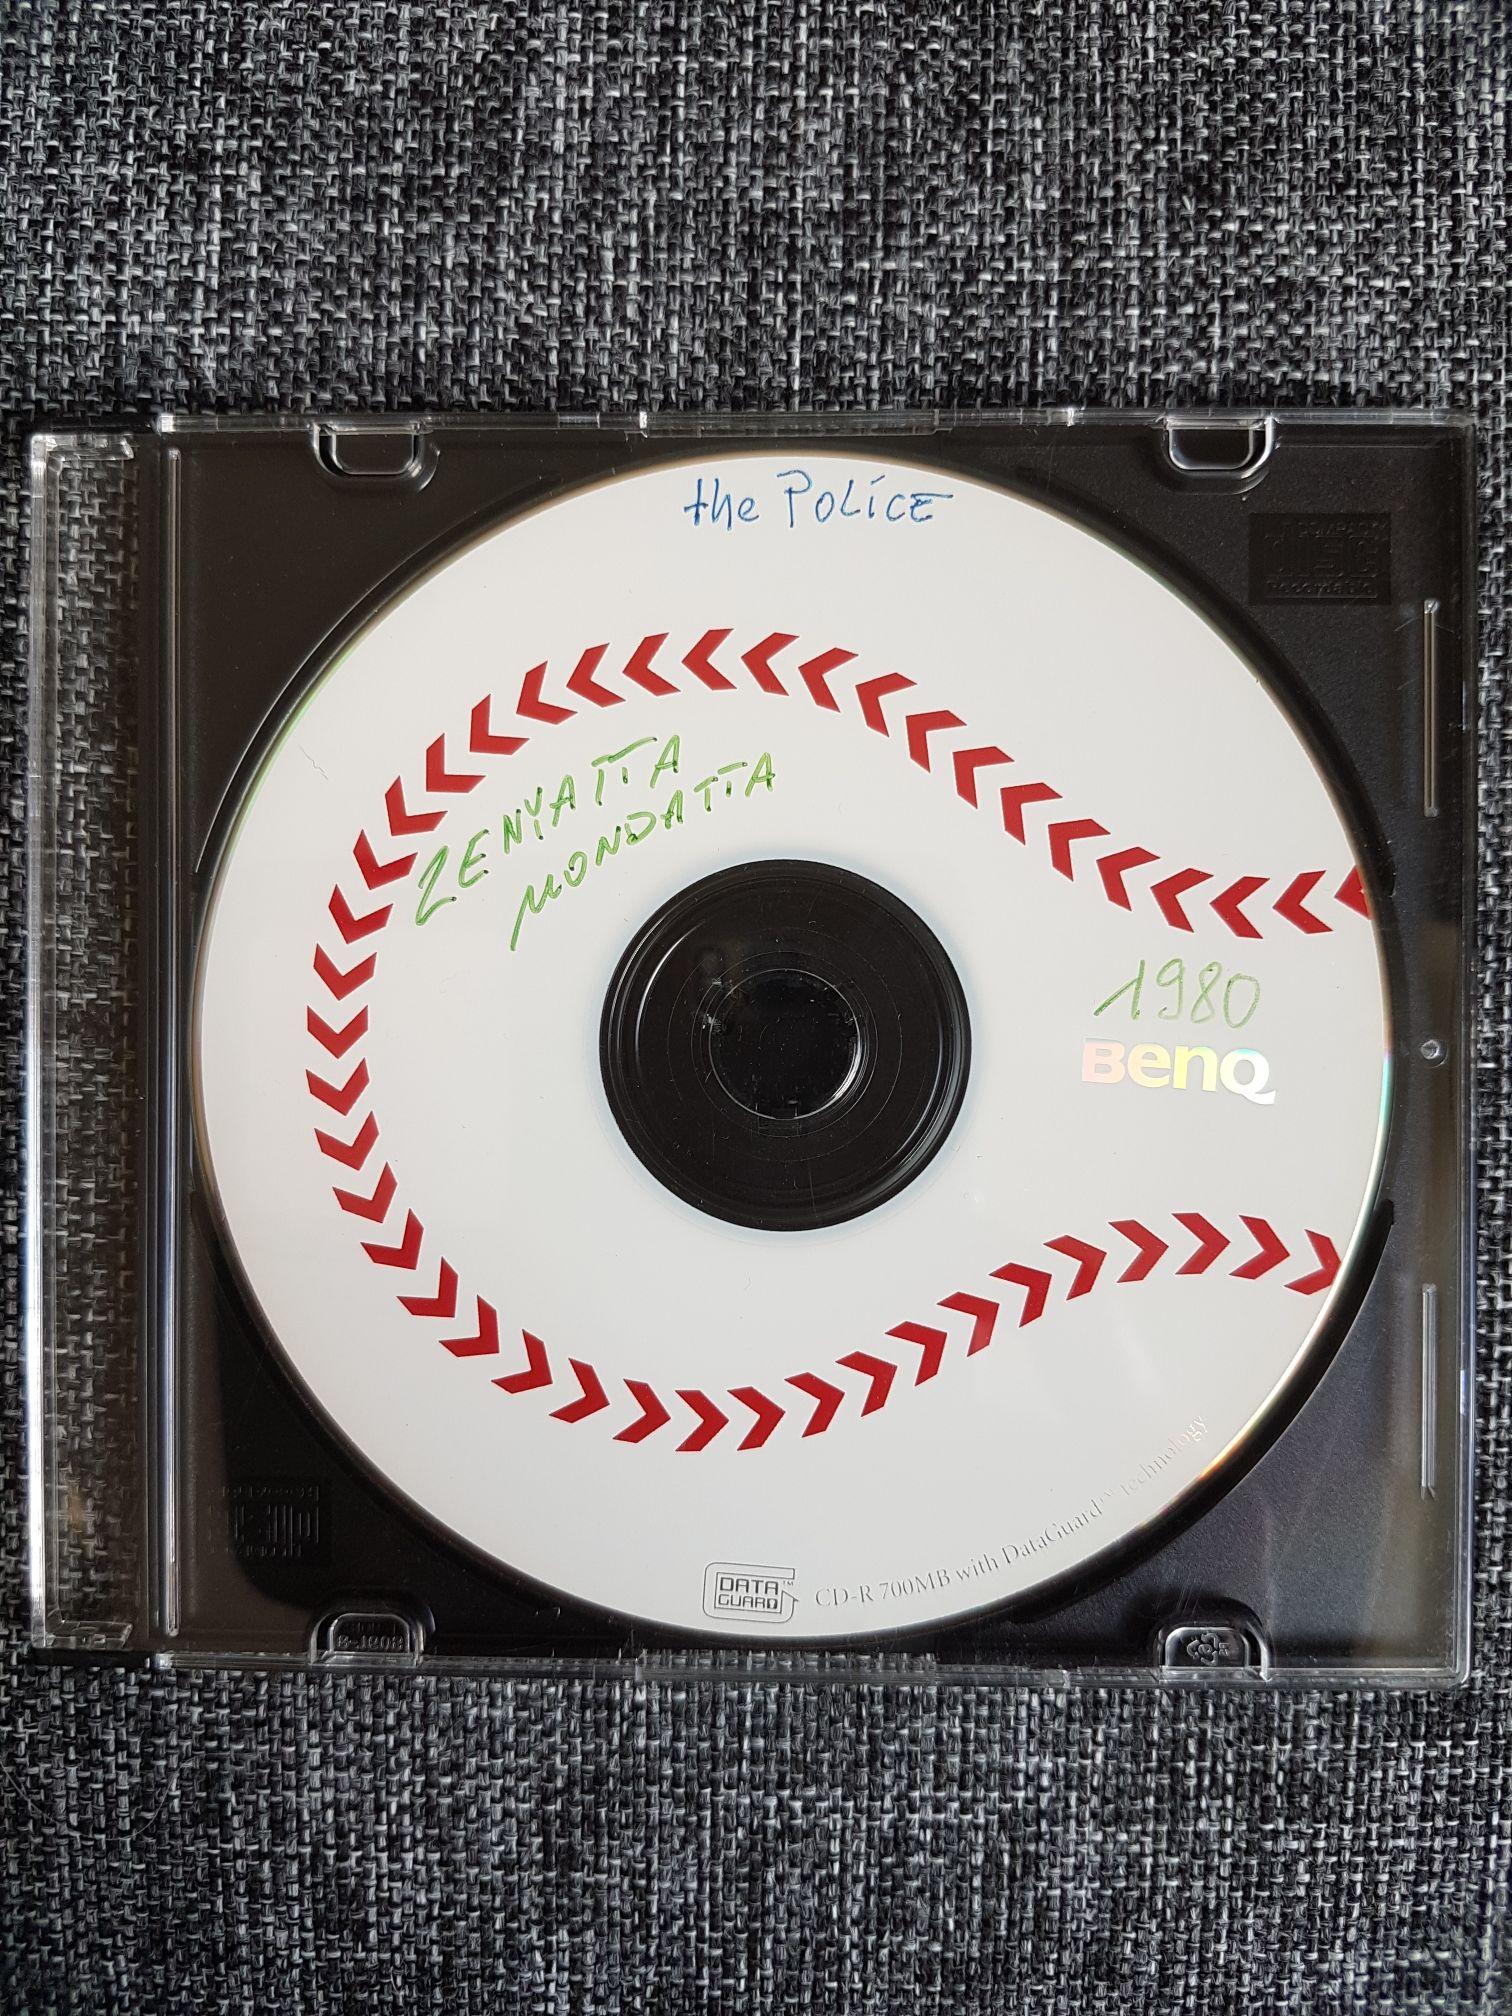 Zenyatta Mondatta - CD-R cover